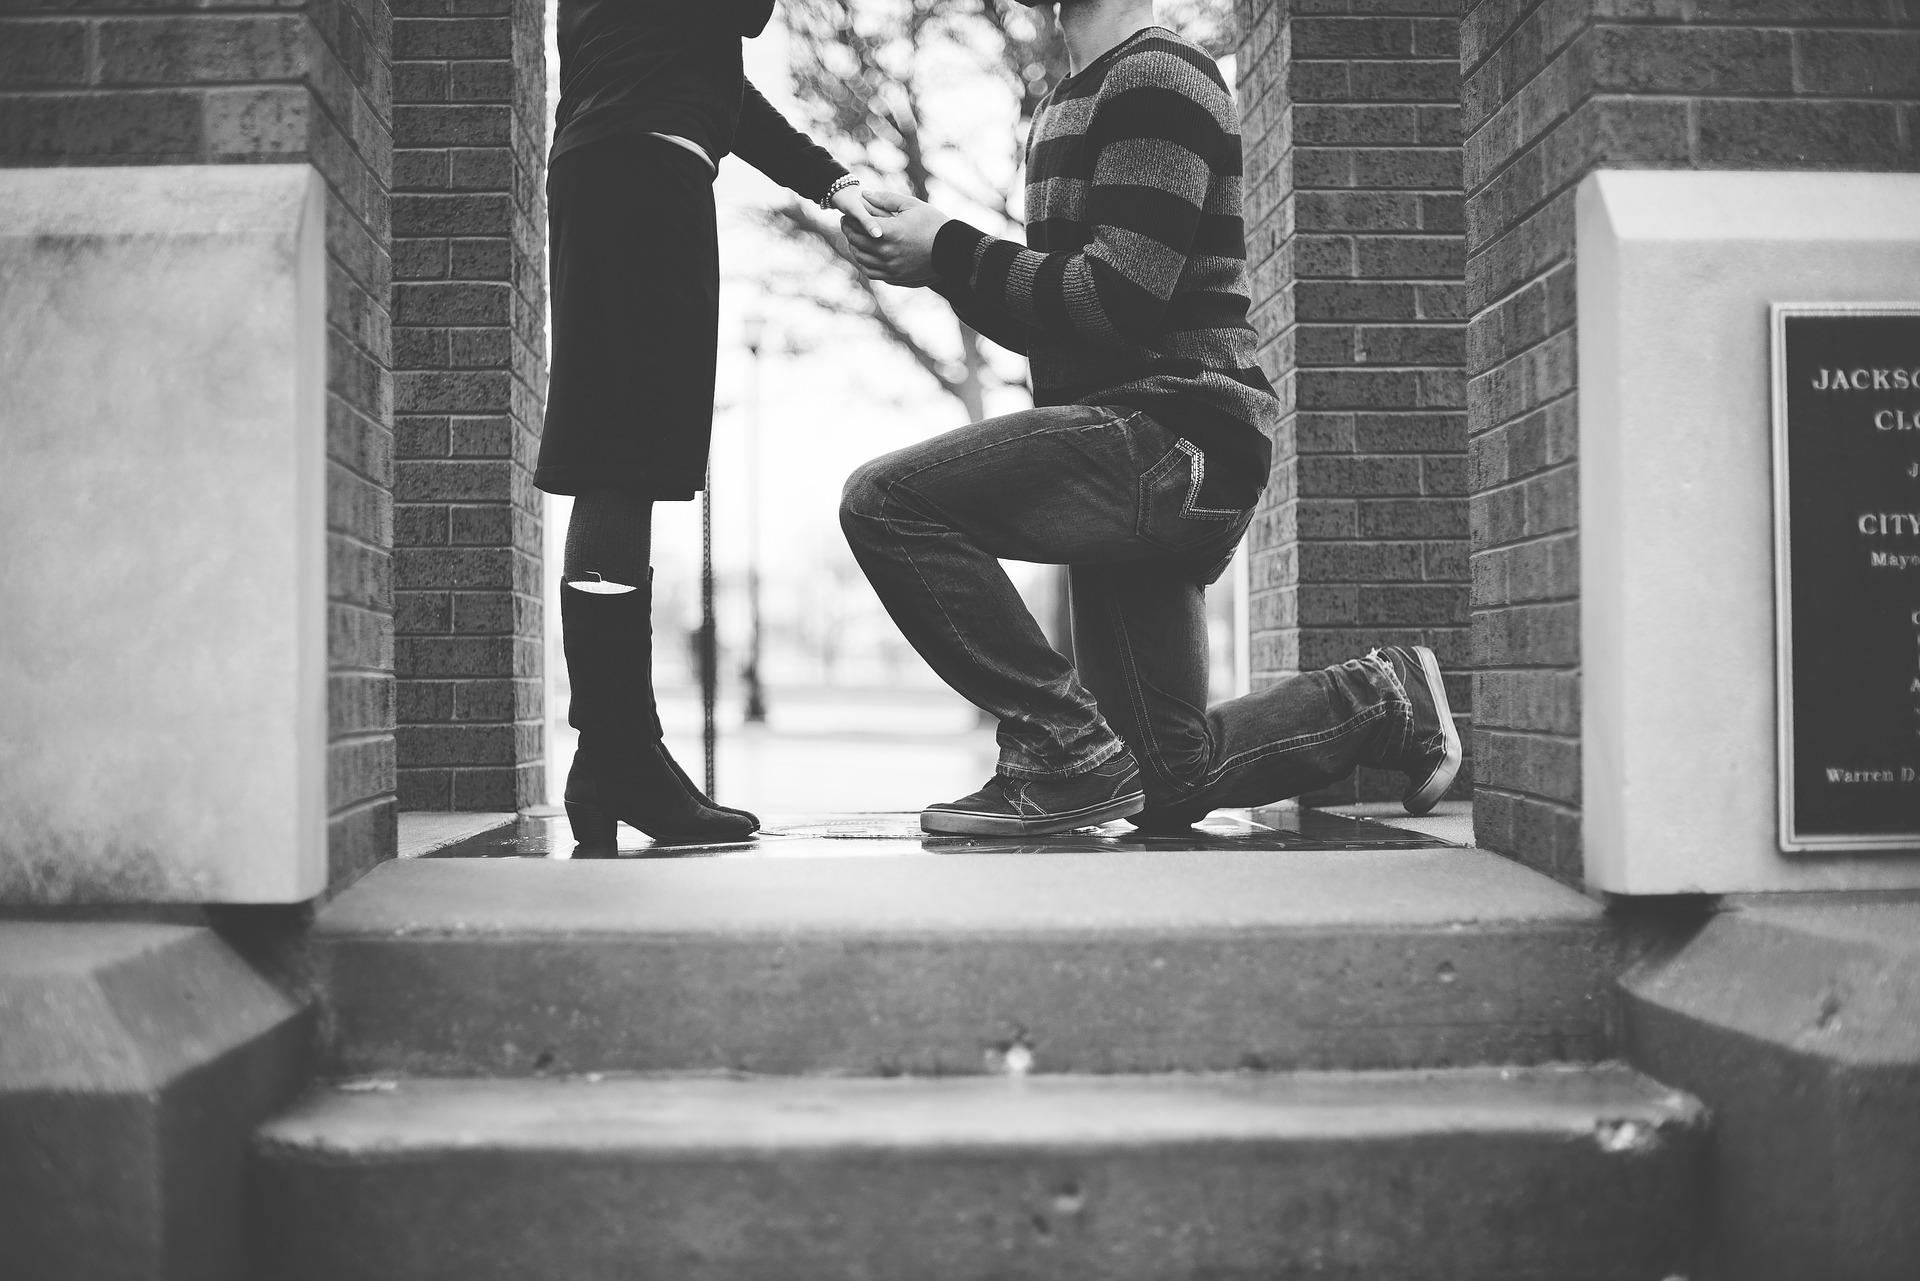 既婚者から告白!既婚男性が好きな女性に想いを伝える時の心理と彼を受け入れて不倫愛を続ける方法